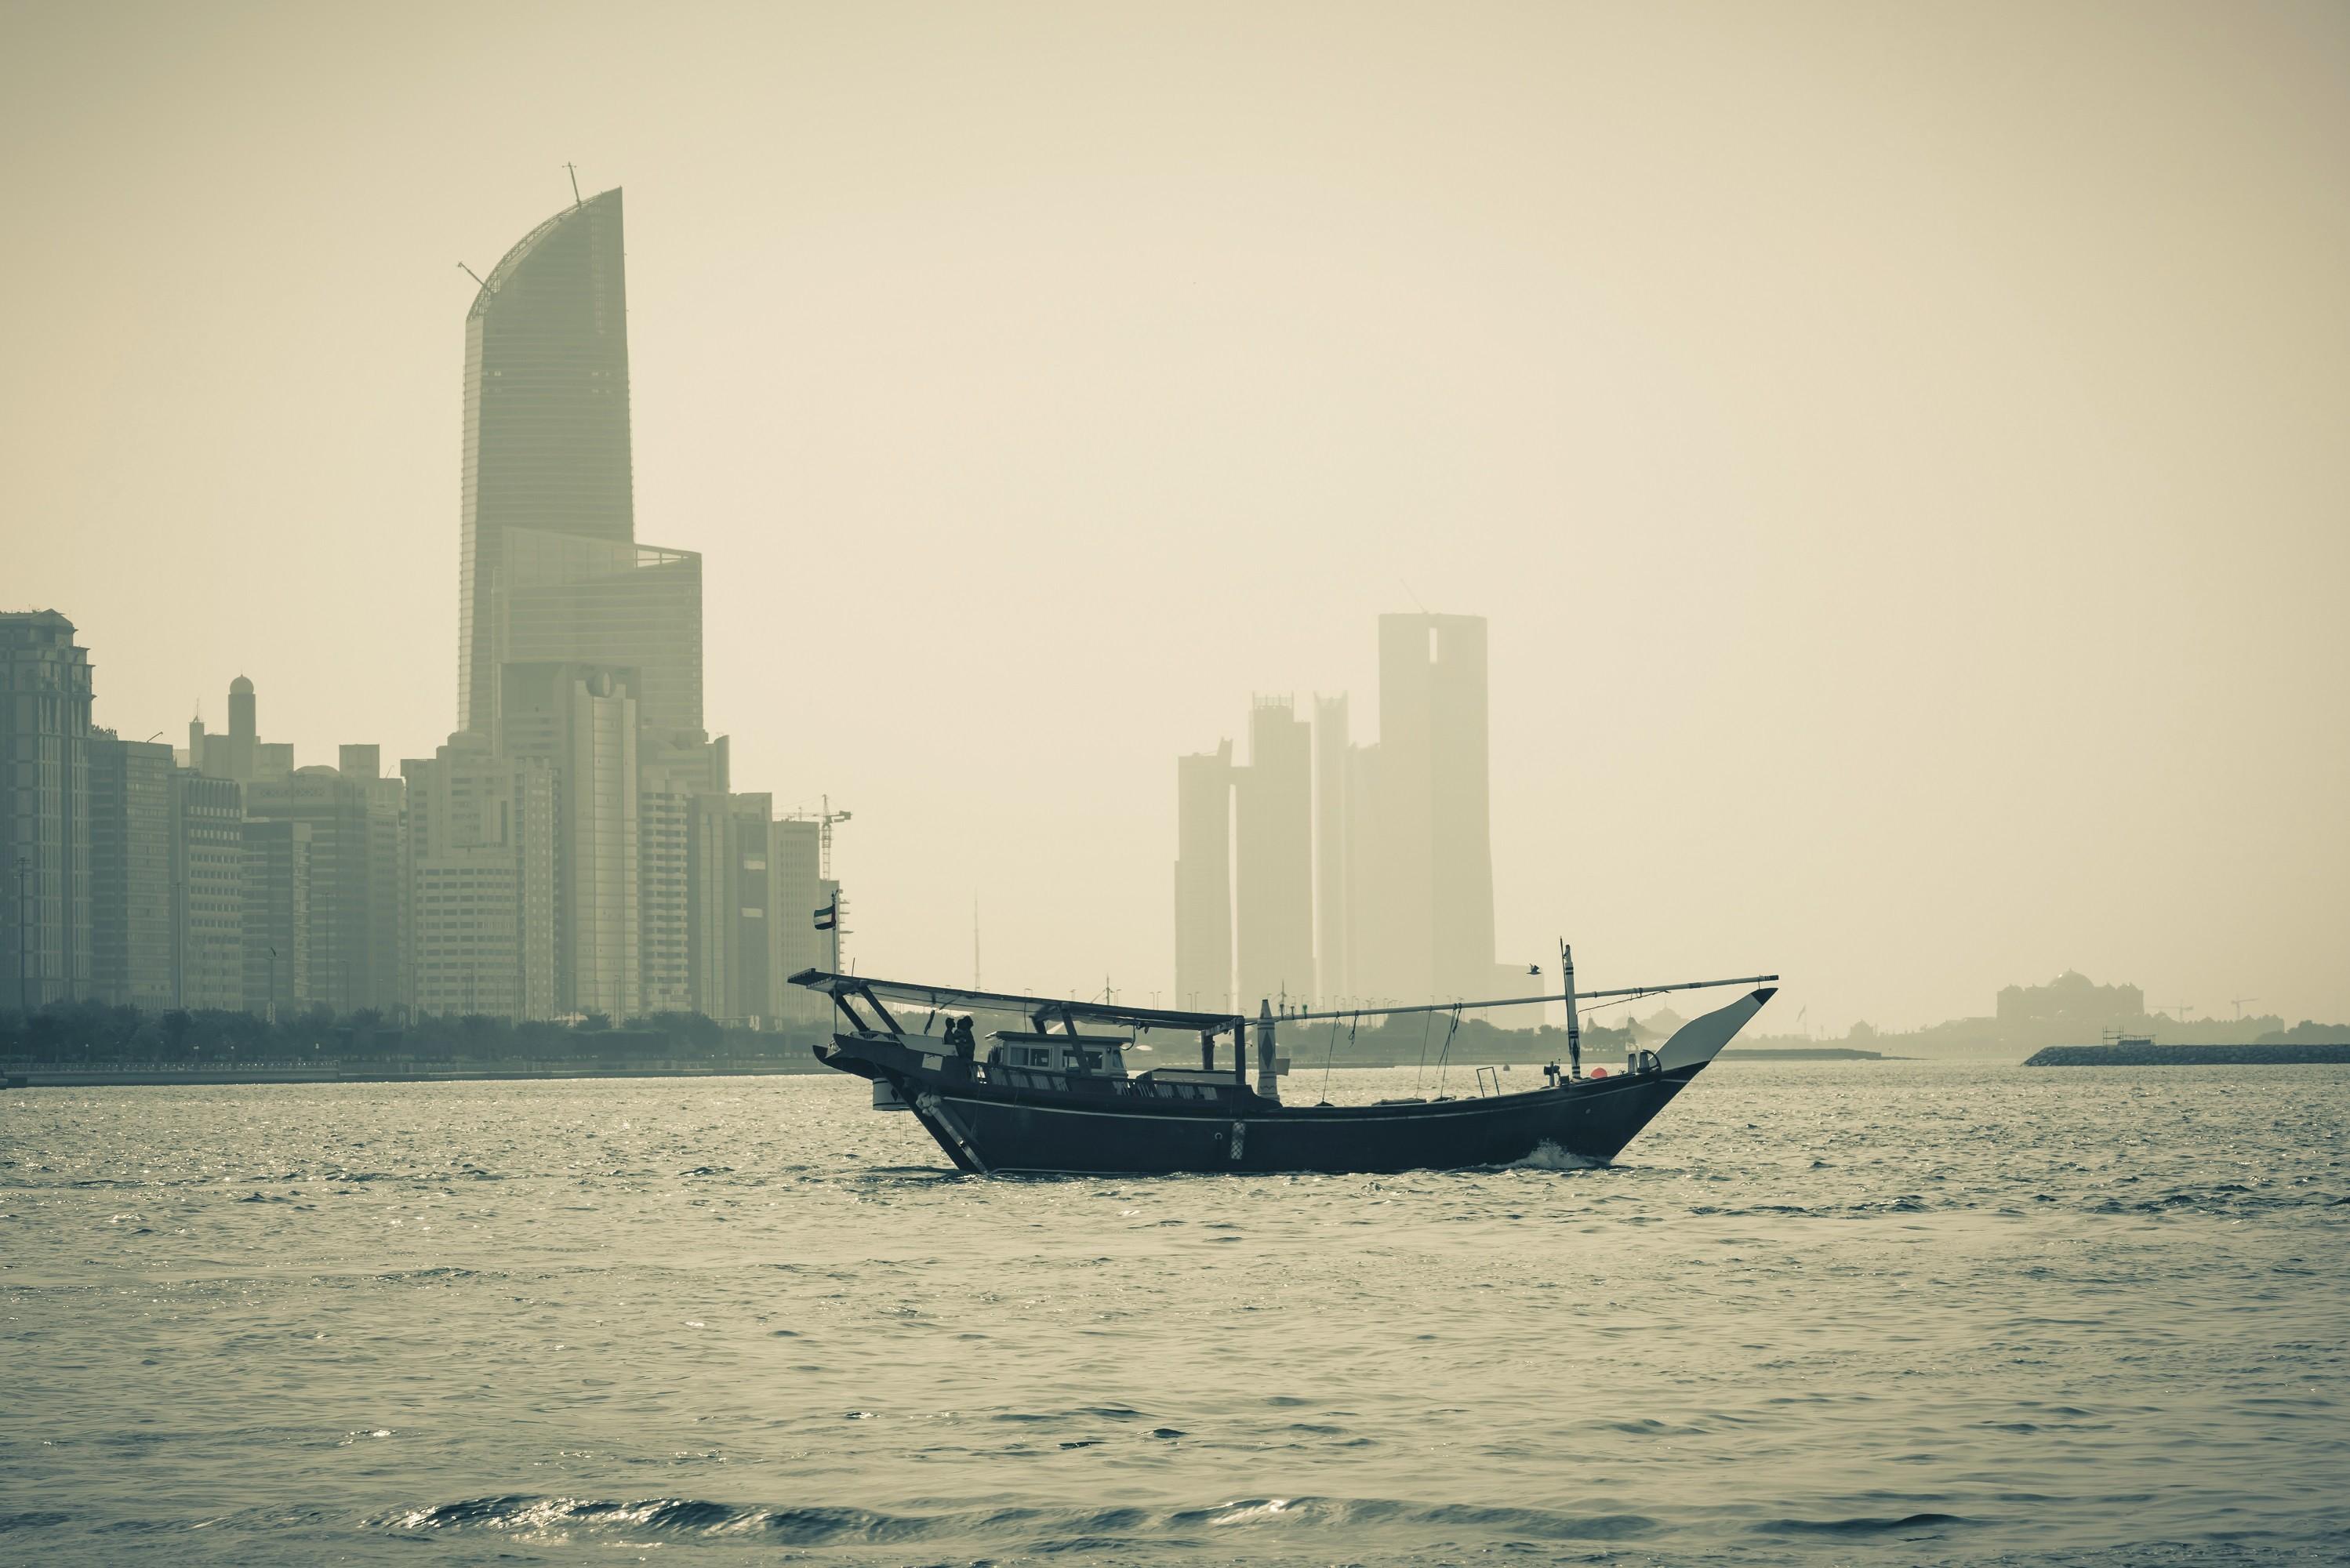 Al Masaood Oil & Gas | LinkedIn